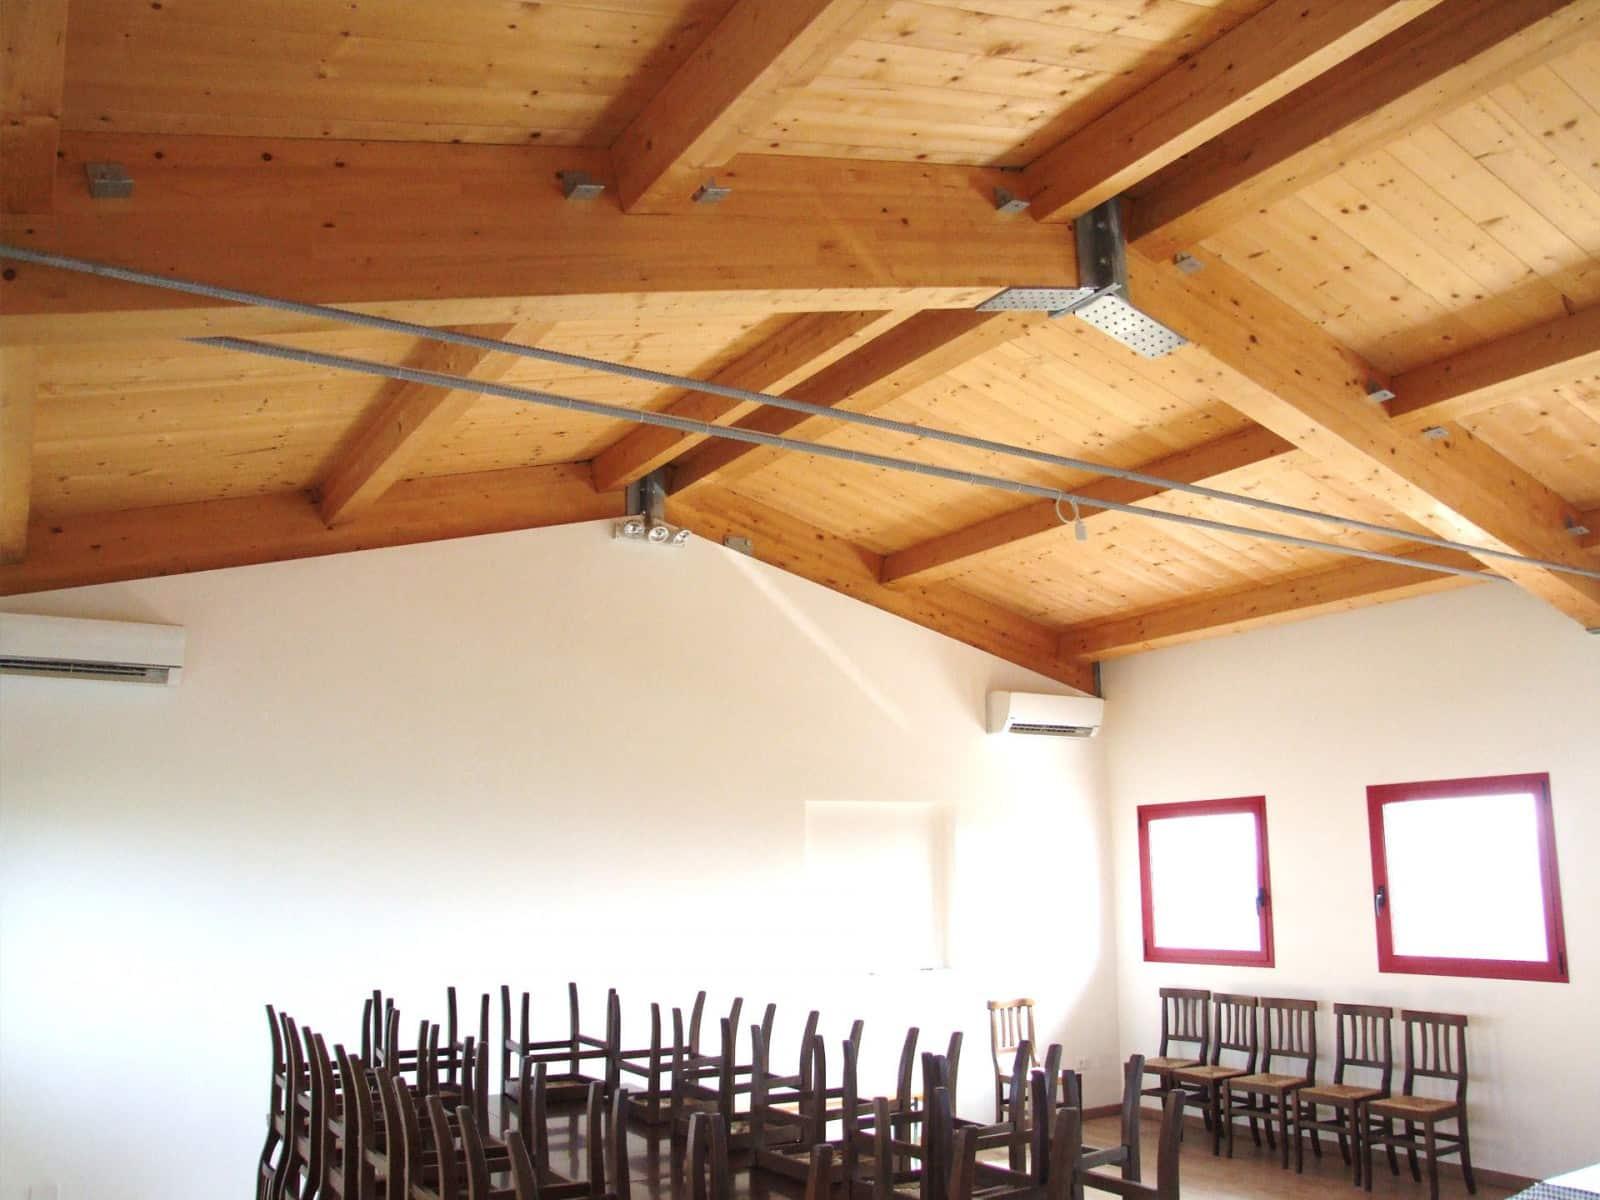 Capannoni prefabbricati legno miglioranza for Capannoni in legno prezzi